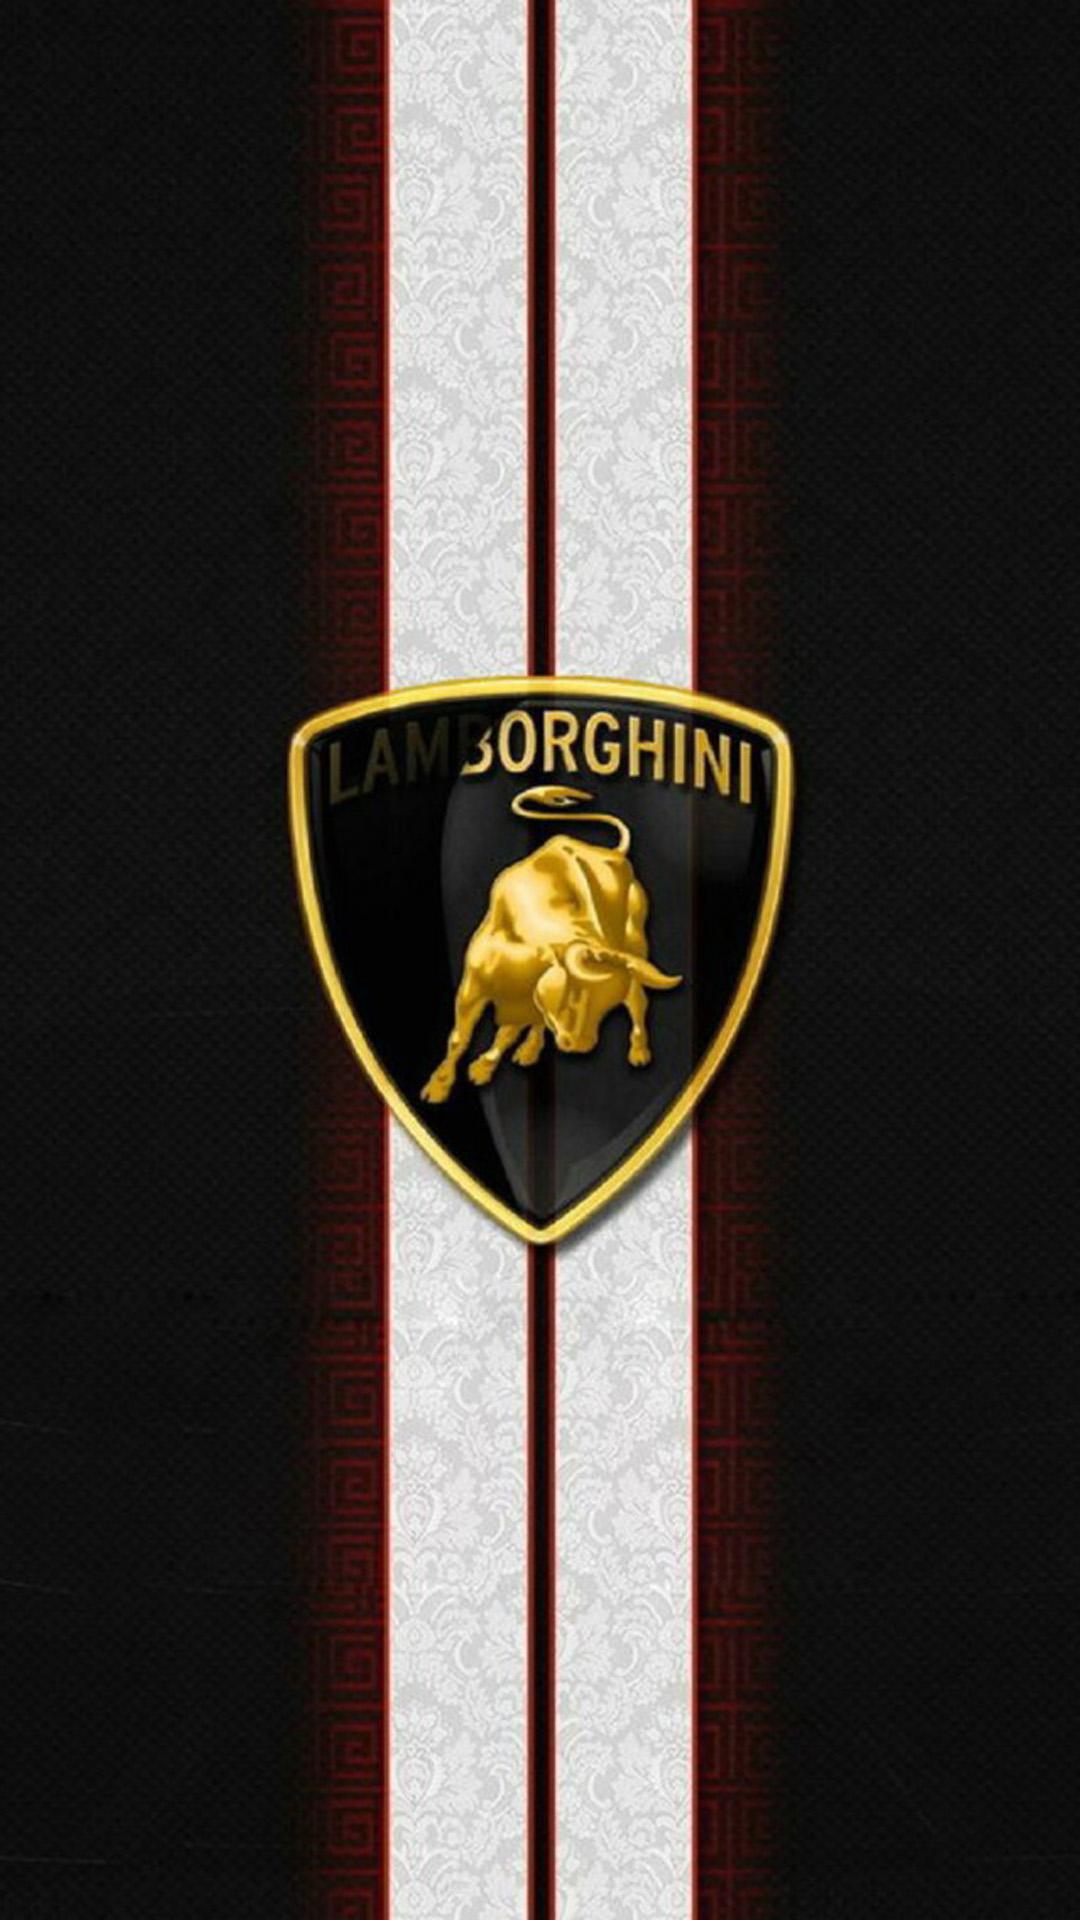 lamborghini logo 03 nexus 5 wallpapers nexus 5 wallpapers and